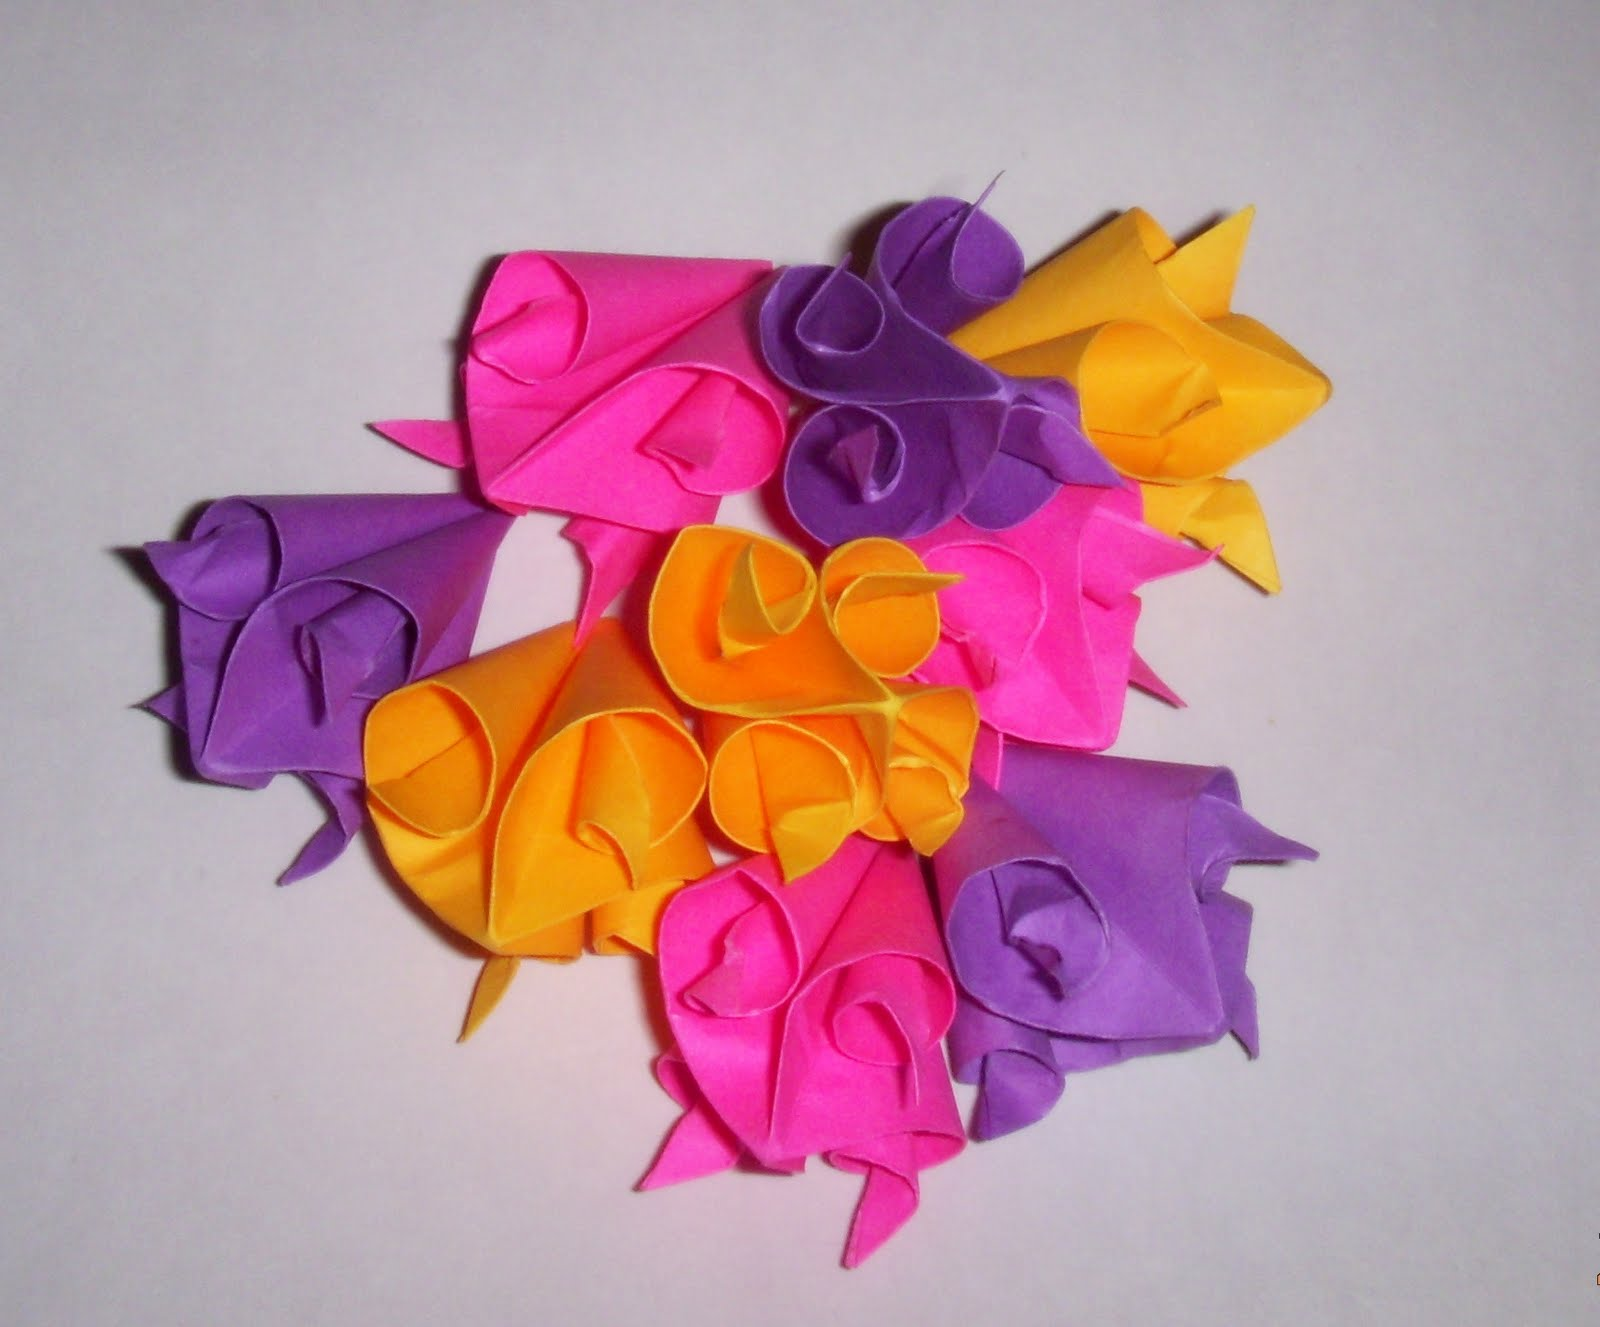 Origami origami curler cuboctahedron kusudama origami jeuxipadfo Gallery